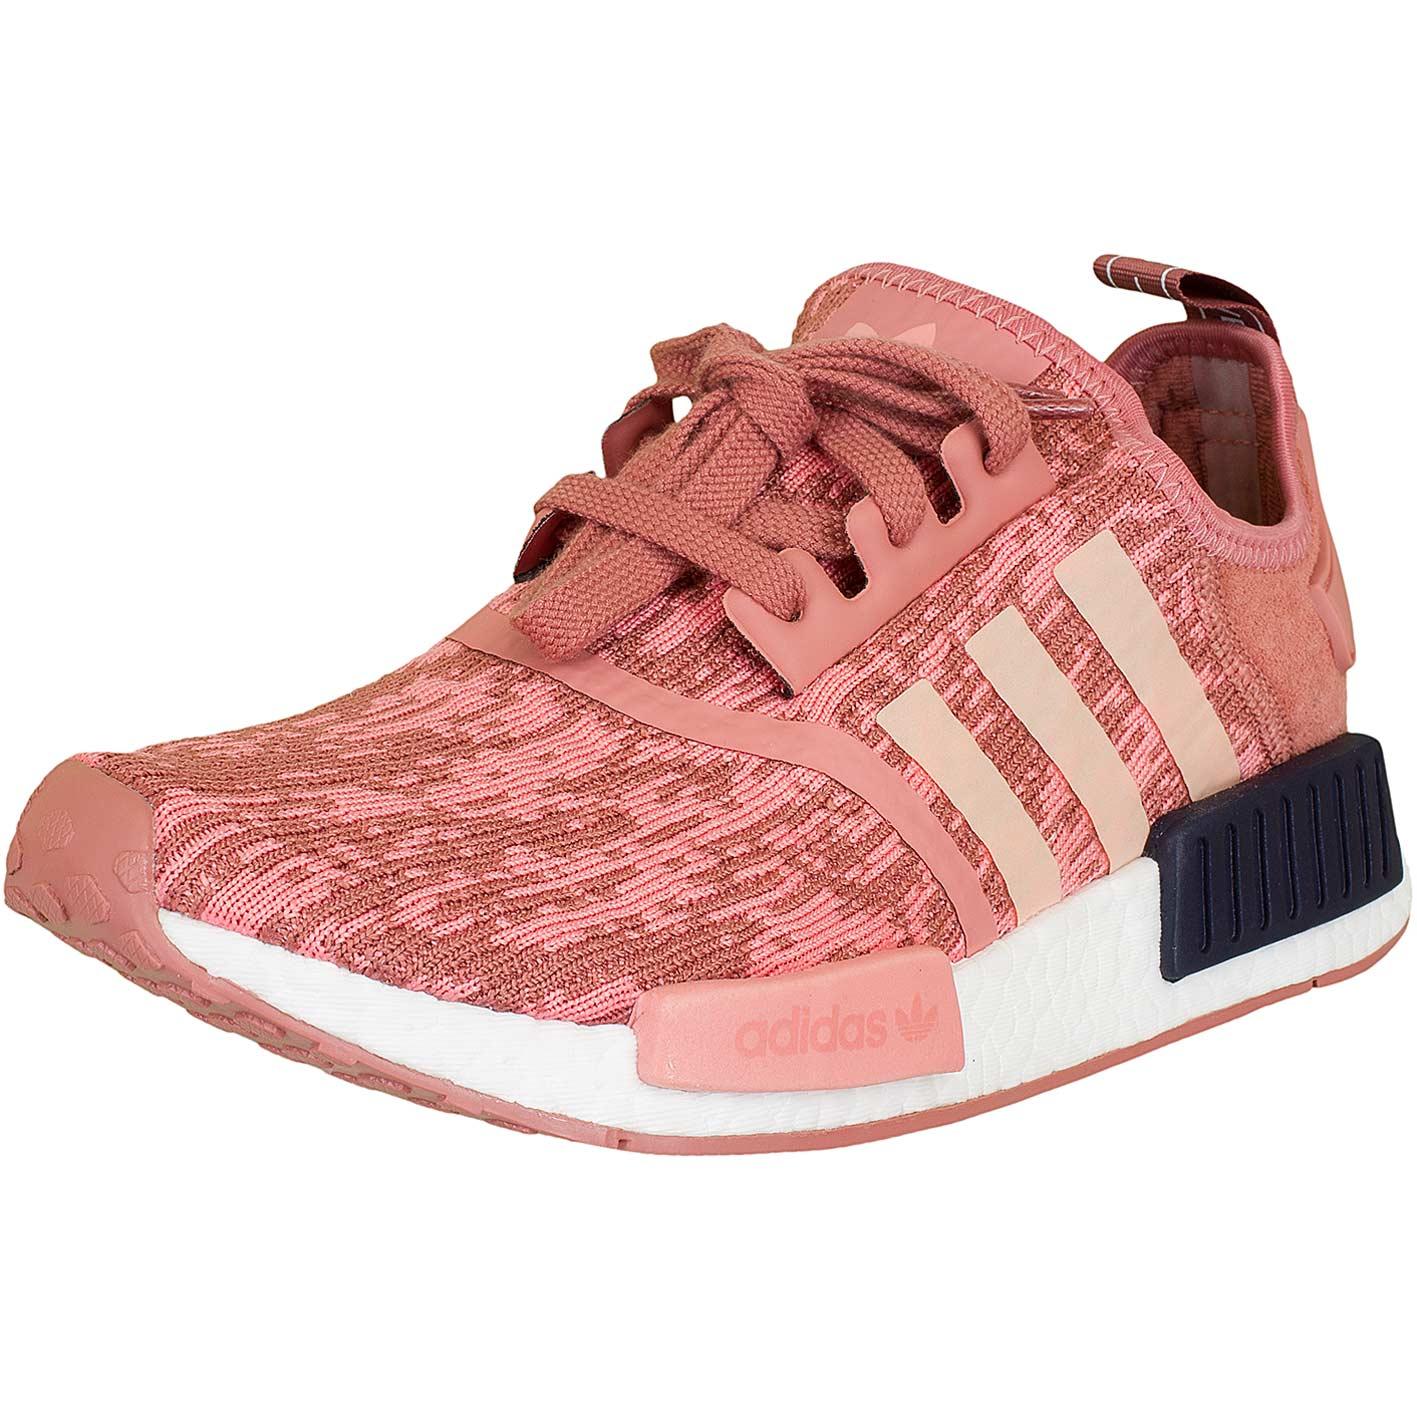 damen adidas nmd runner dunkelrot rosa